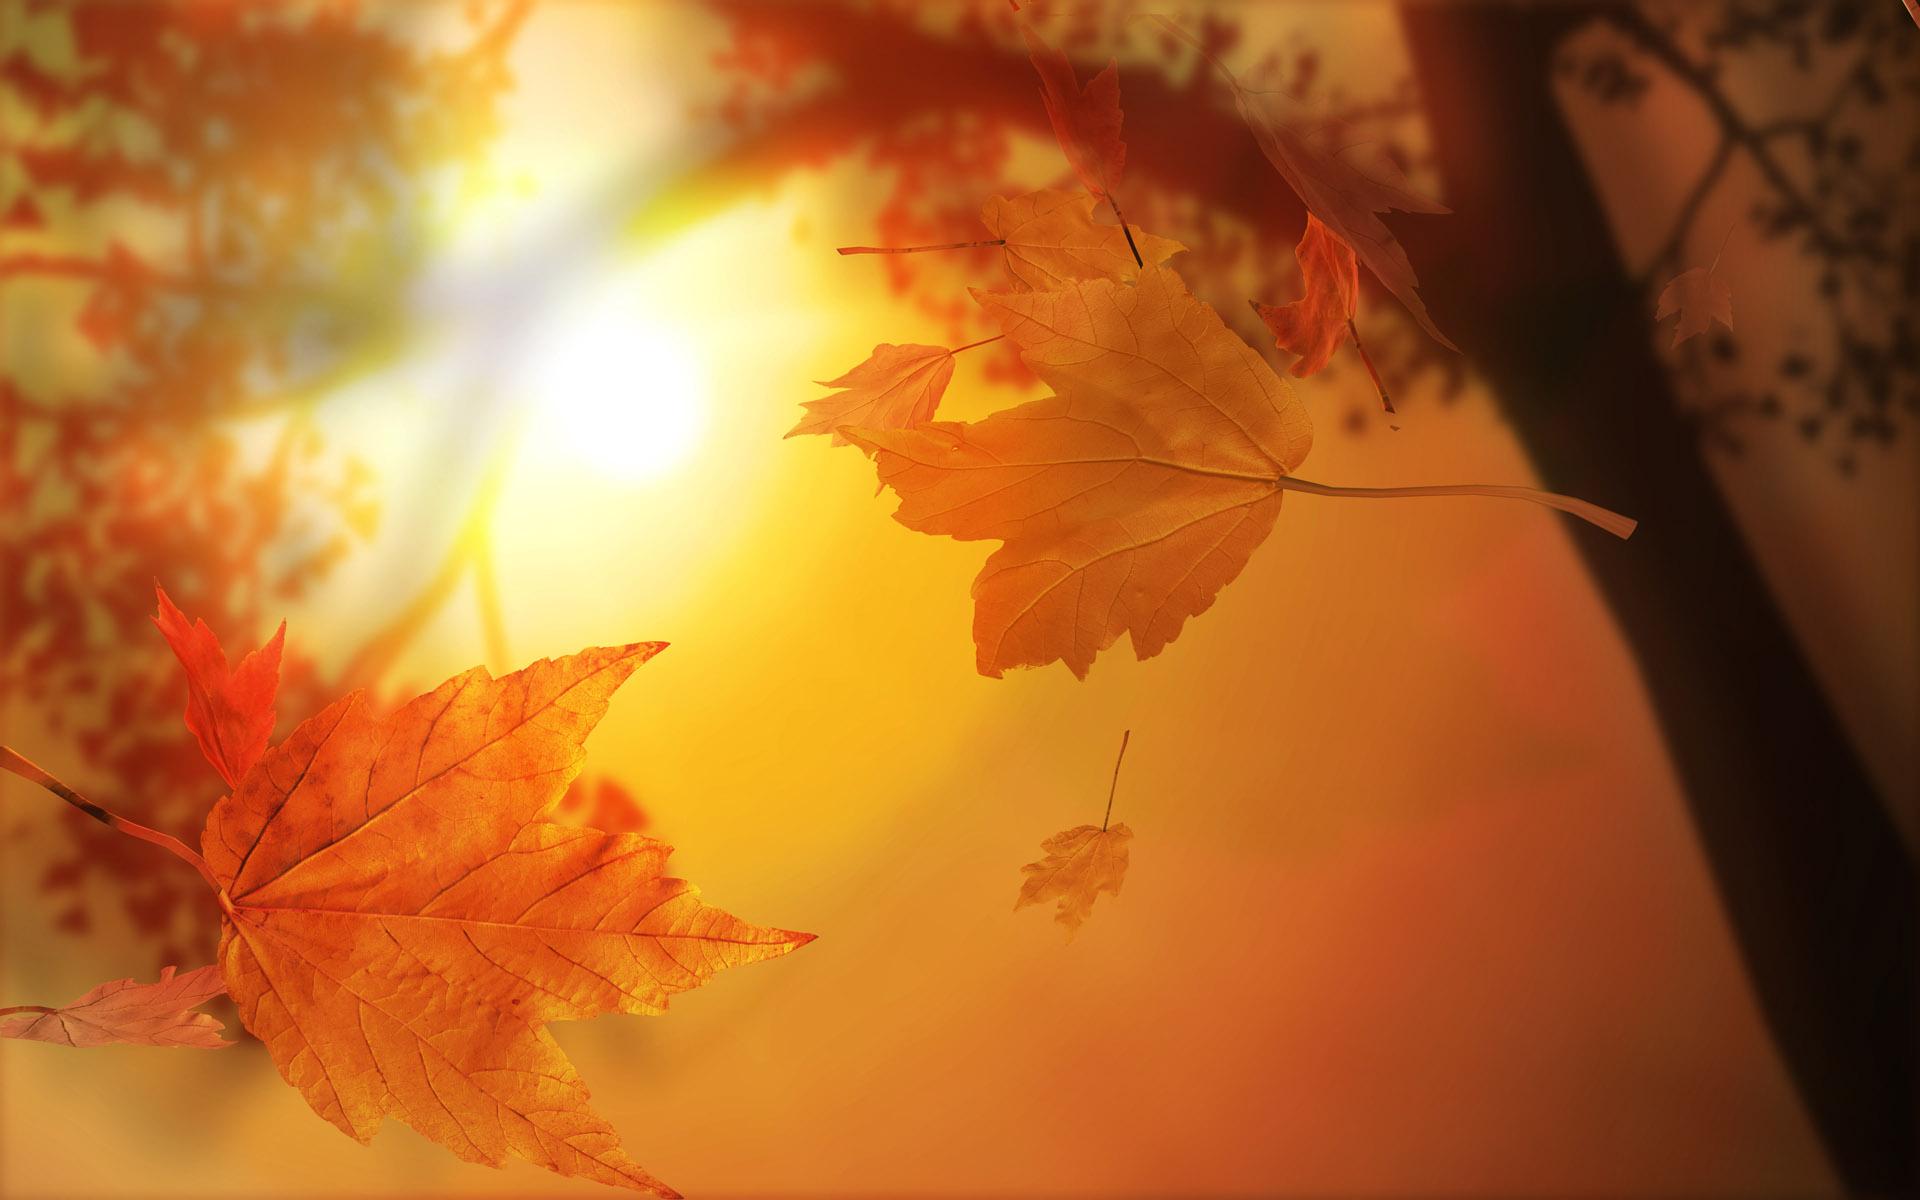 Nature_Seasons_Autumn_Autumn_Sun_025912__259864